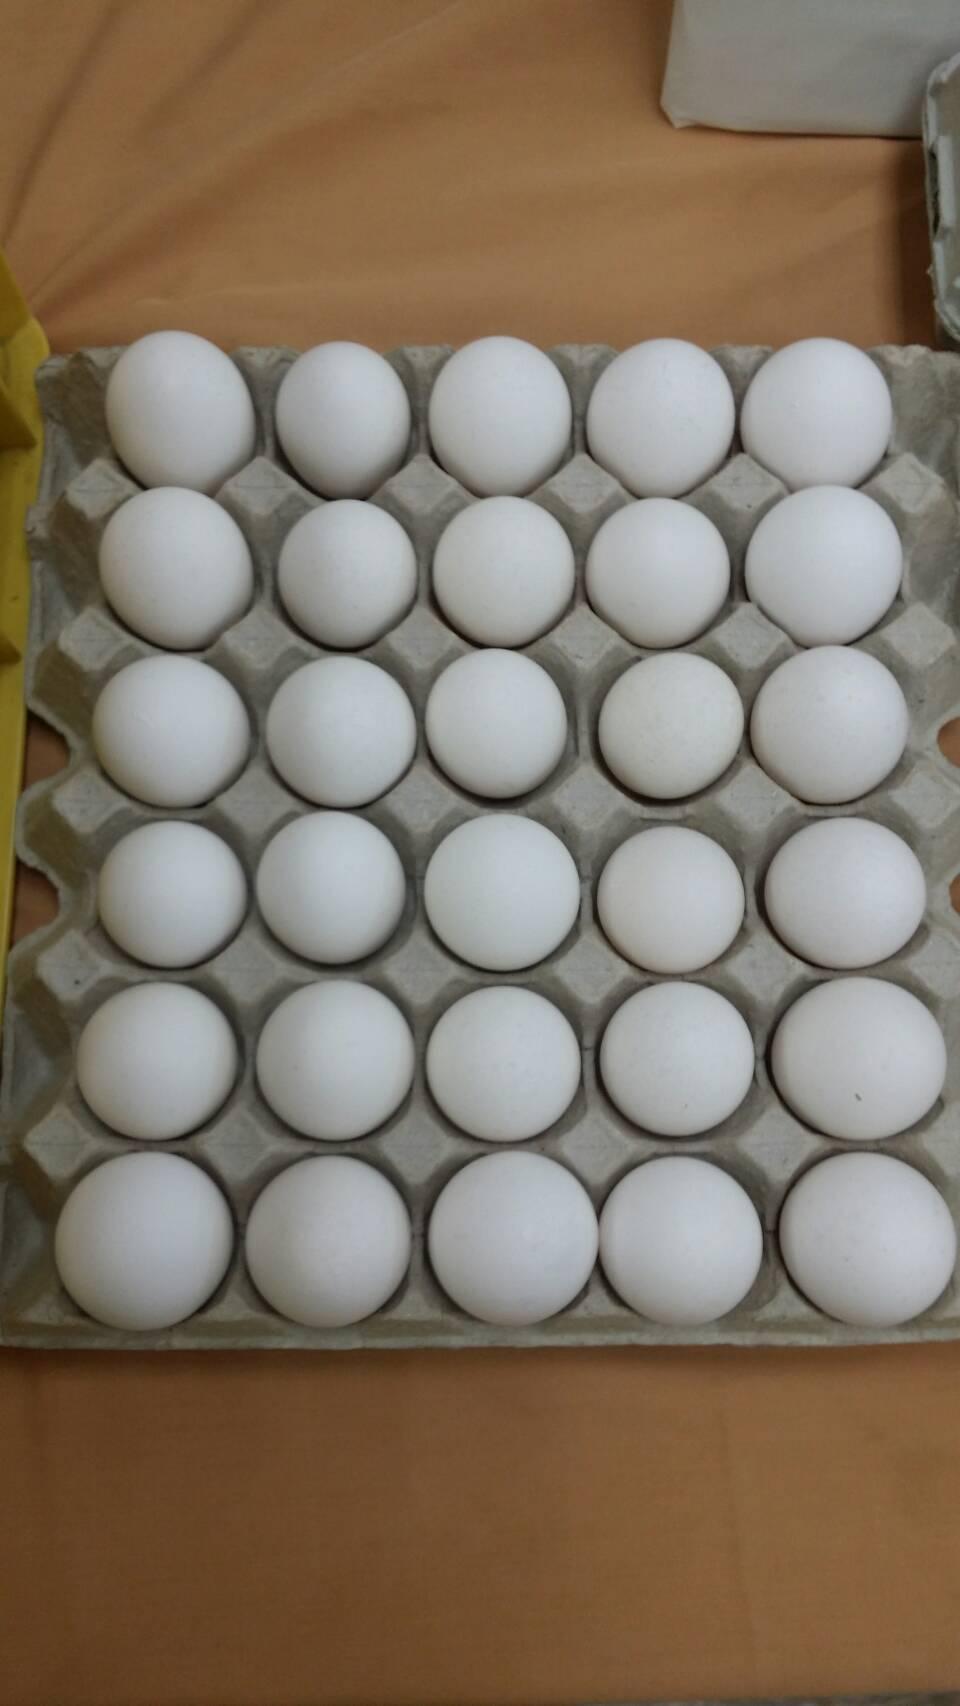 業者反彈力道大,雞蛋一次性包材政策鬆動。記者彭宣雅/攝影